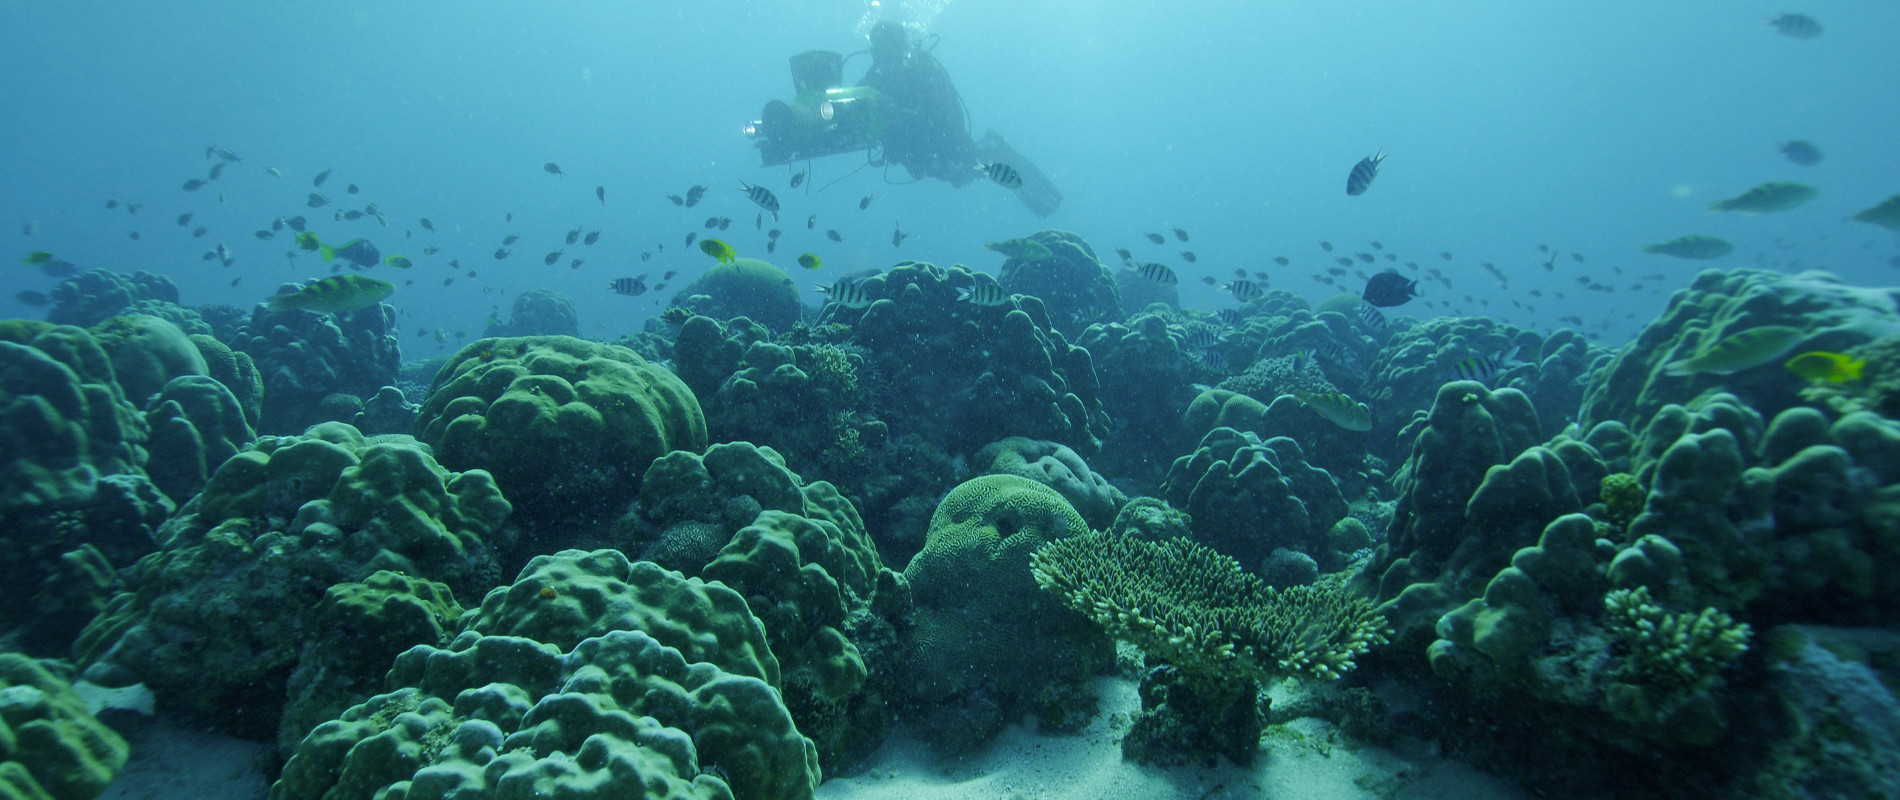 Les océans, des alliés décisifs dans la bataille pour le climat